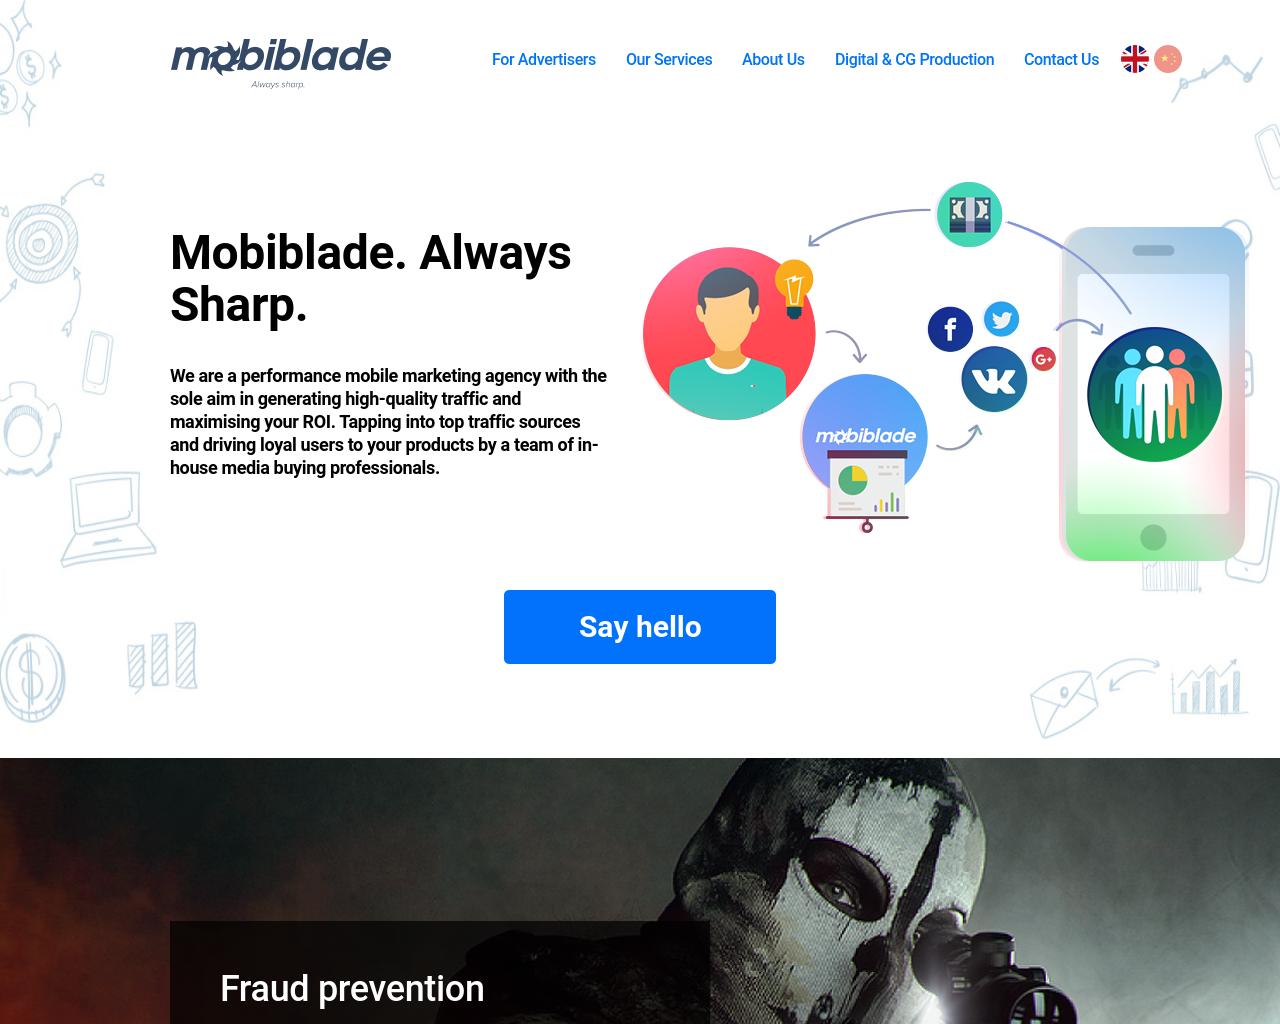 Mobiblade-Advertising-Reviews-Pricing